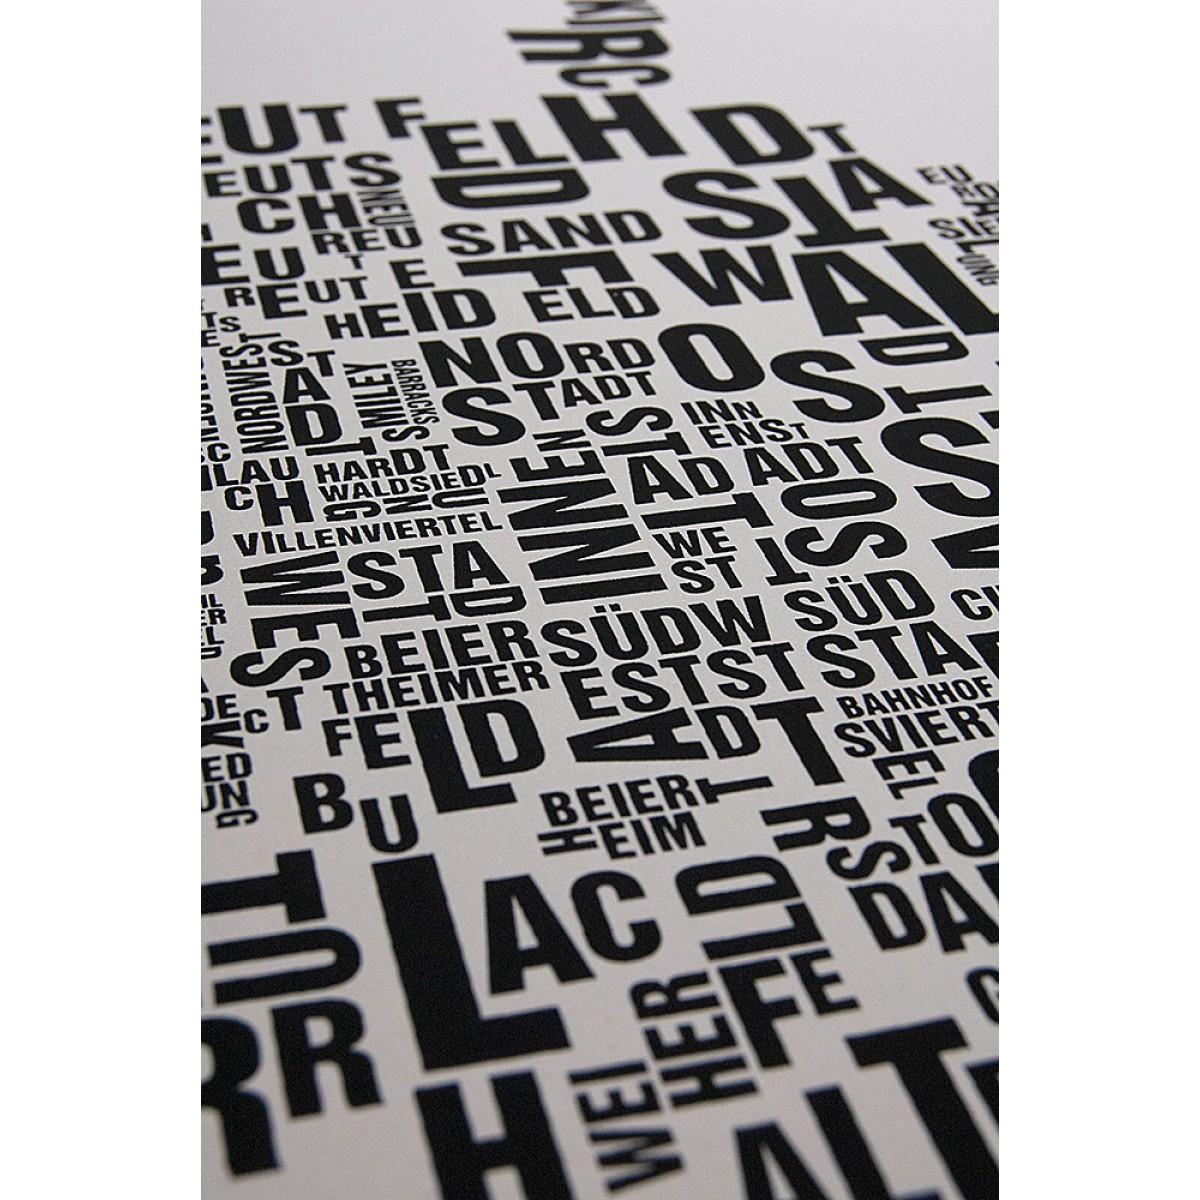 Buchstabenorte Poster KARLSRUHE Stadtteile Typographie